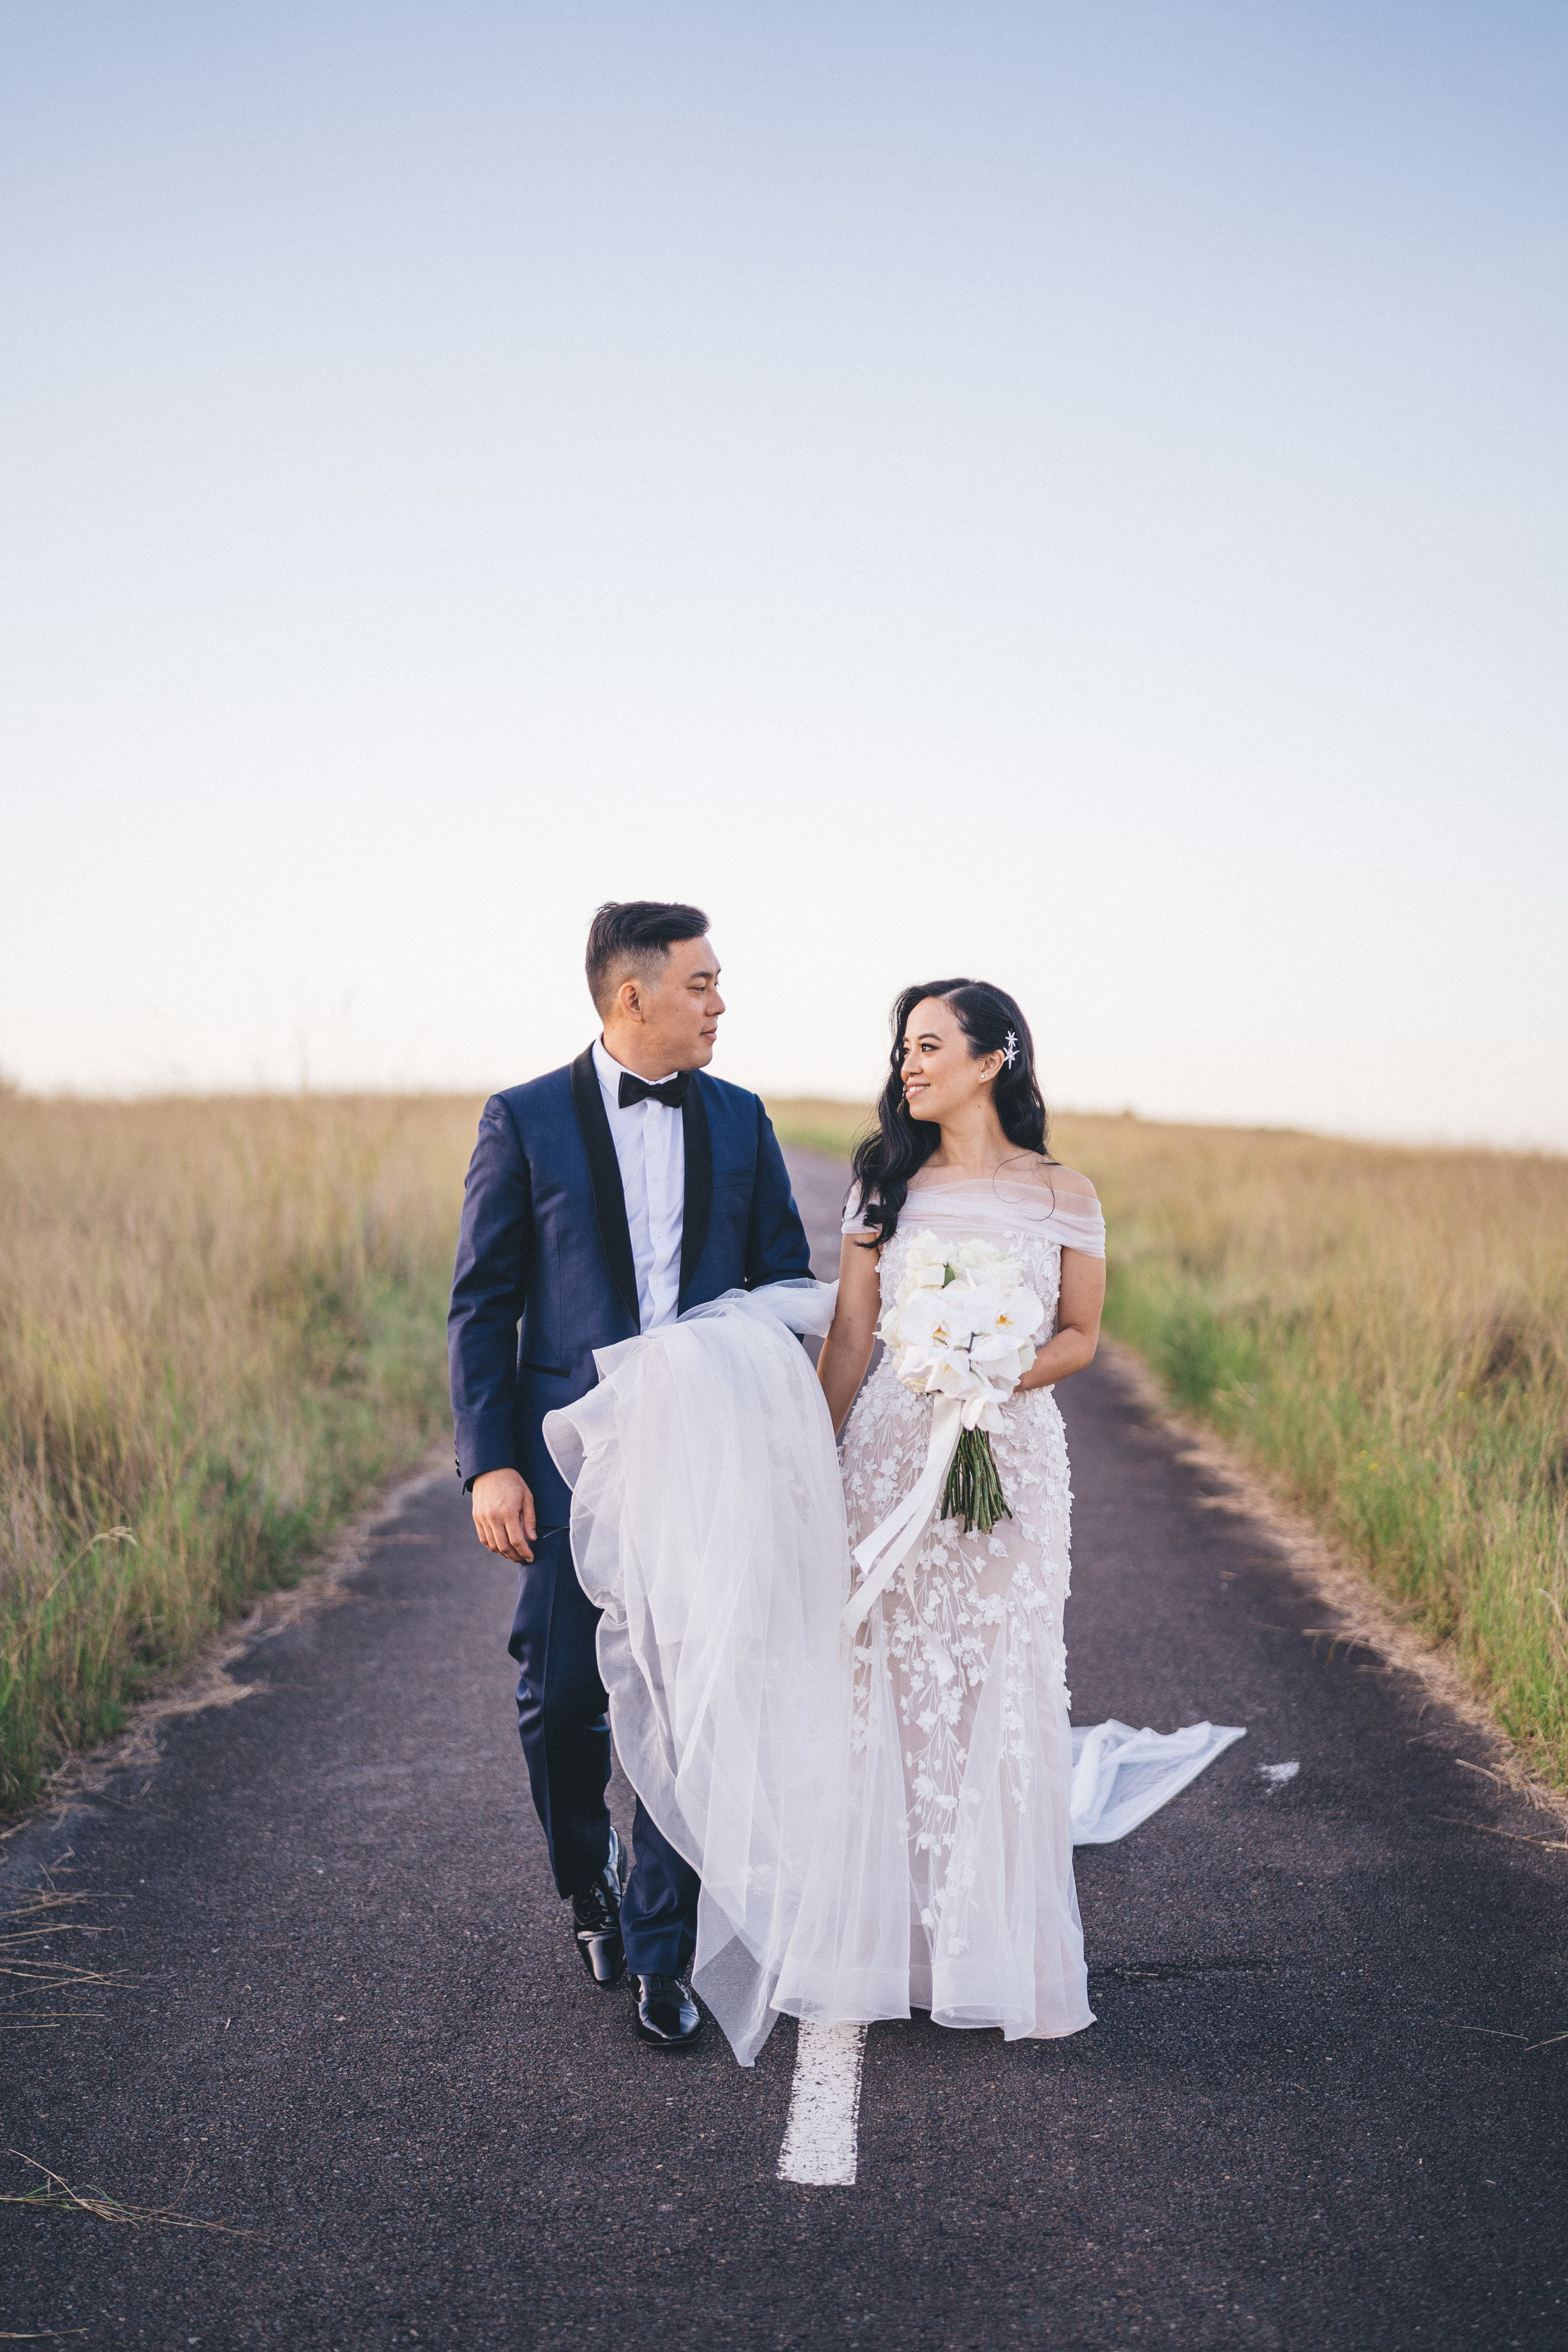 Annabelle-Phong-Wedding-HI-RES-0561.jpg